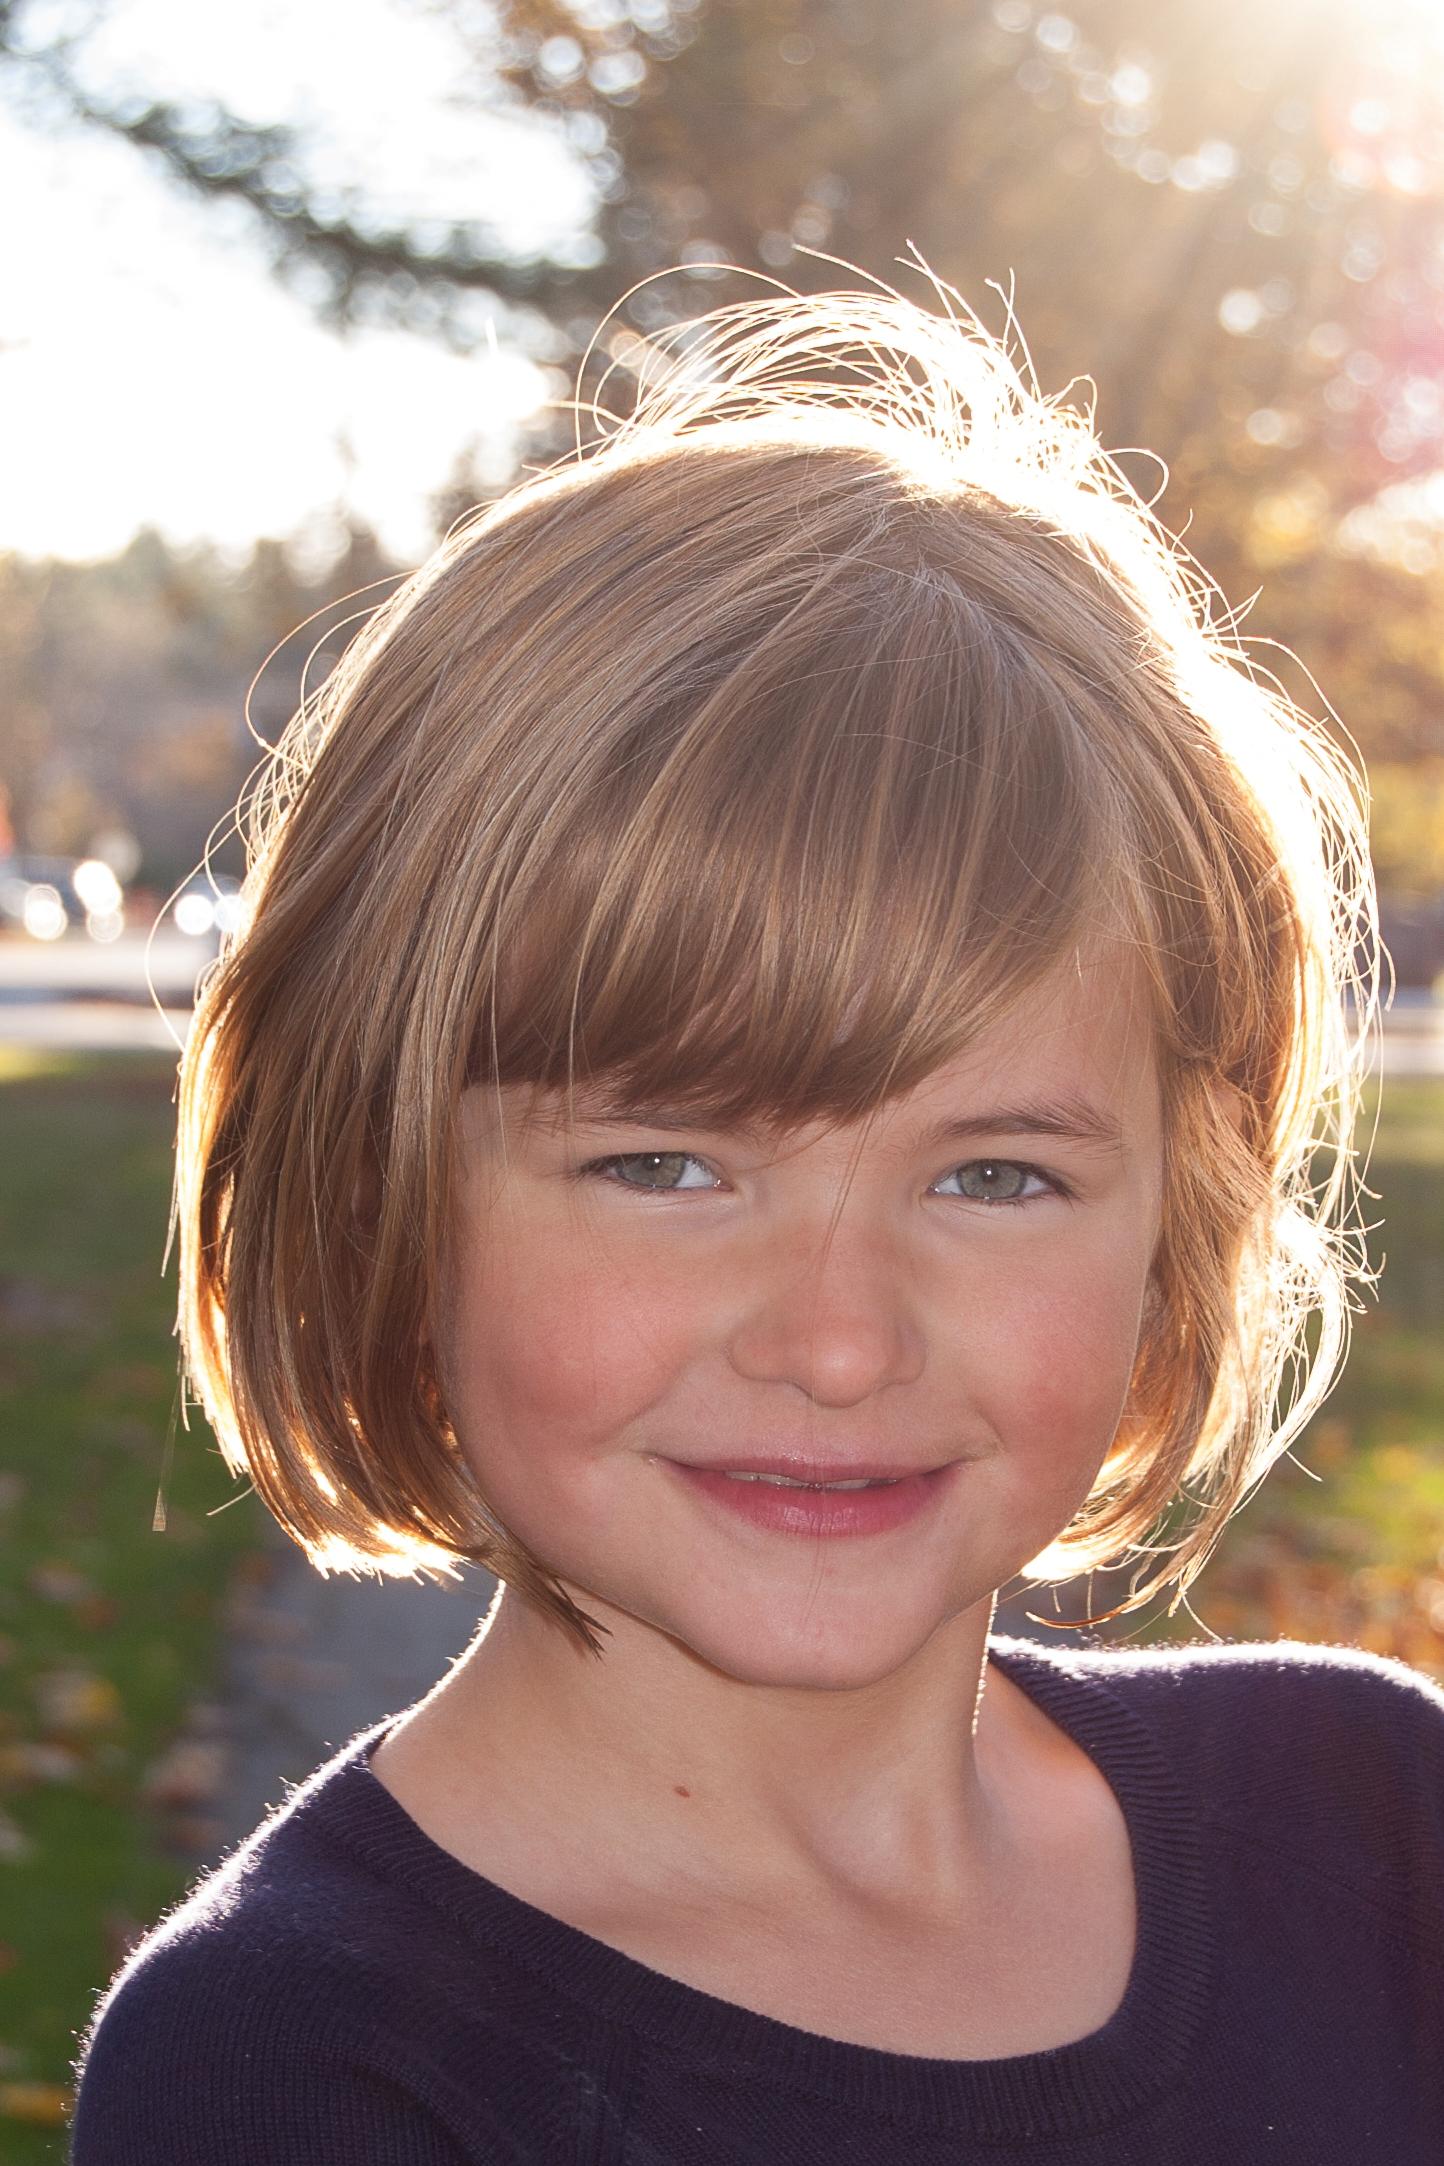 My daughter, Rose.